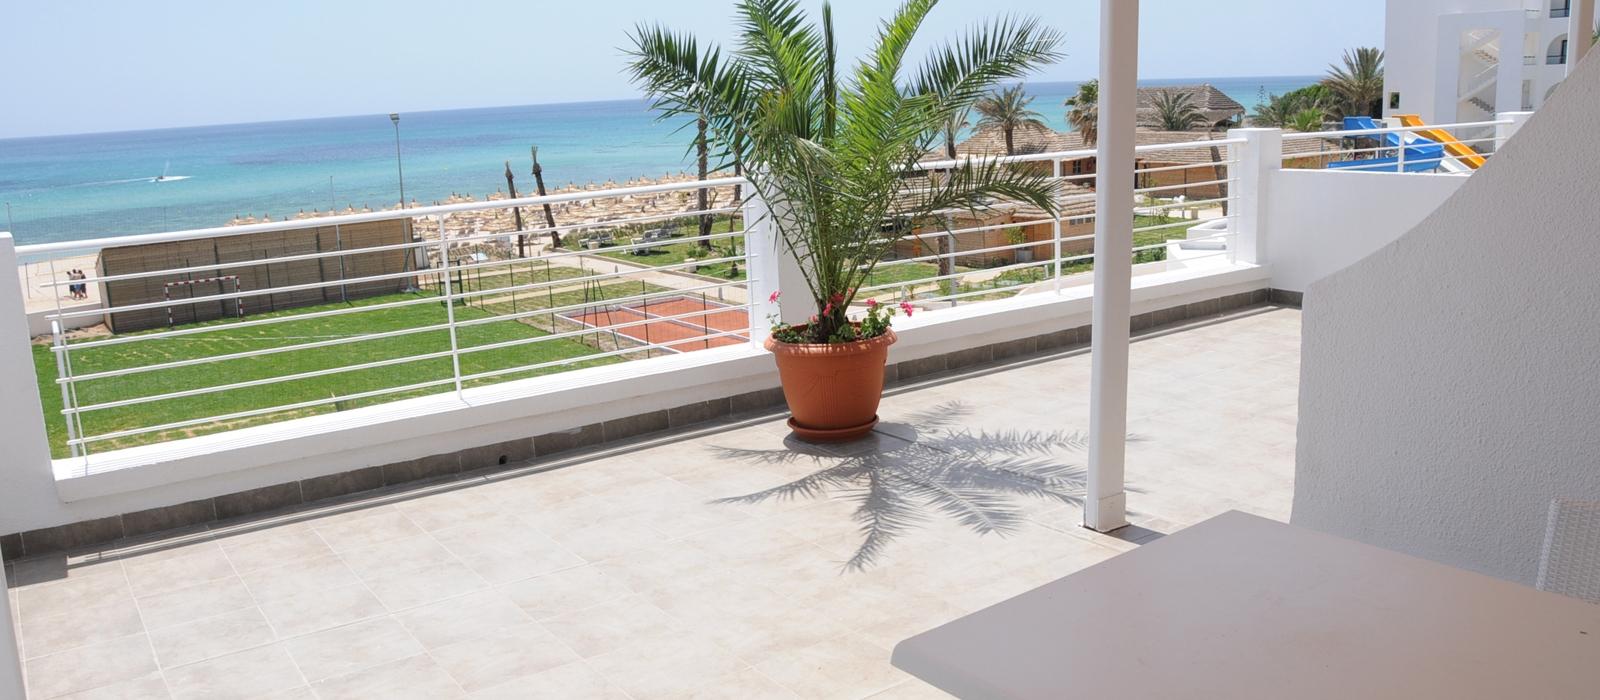 Rooms Hotel Vincci Hammamet Nozha Beach - Suite Embassador